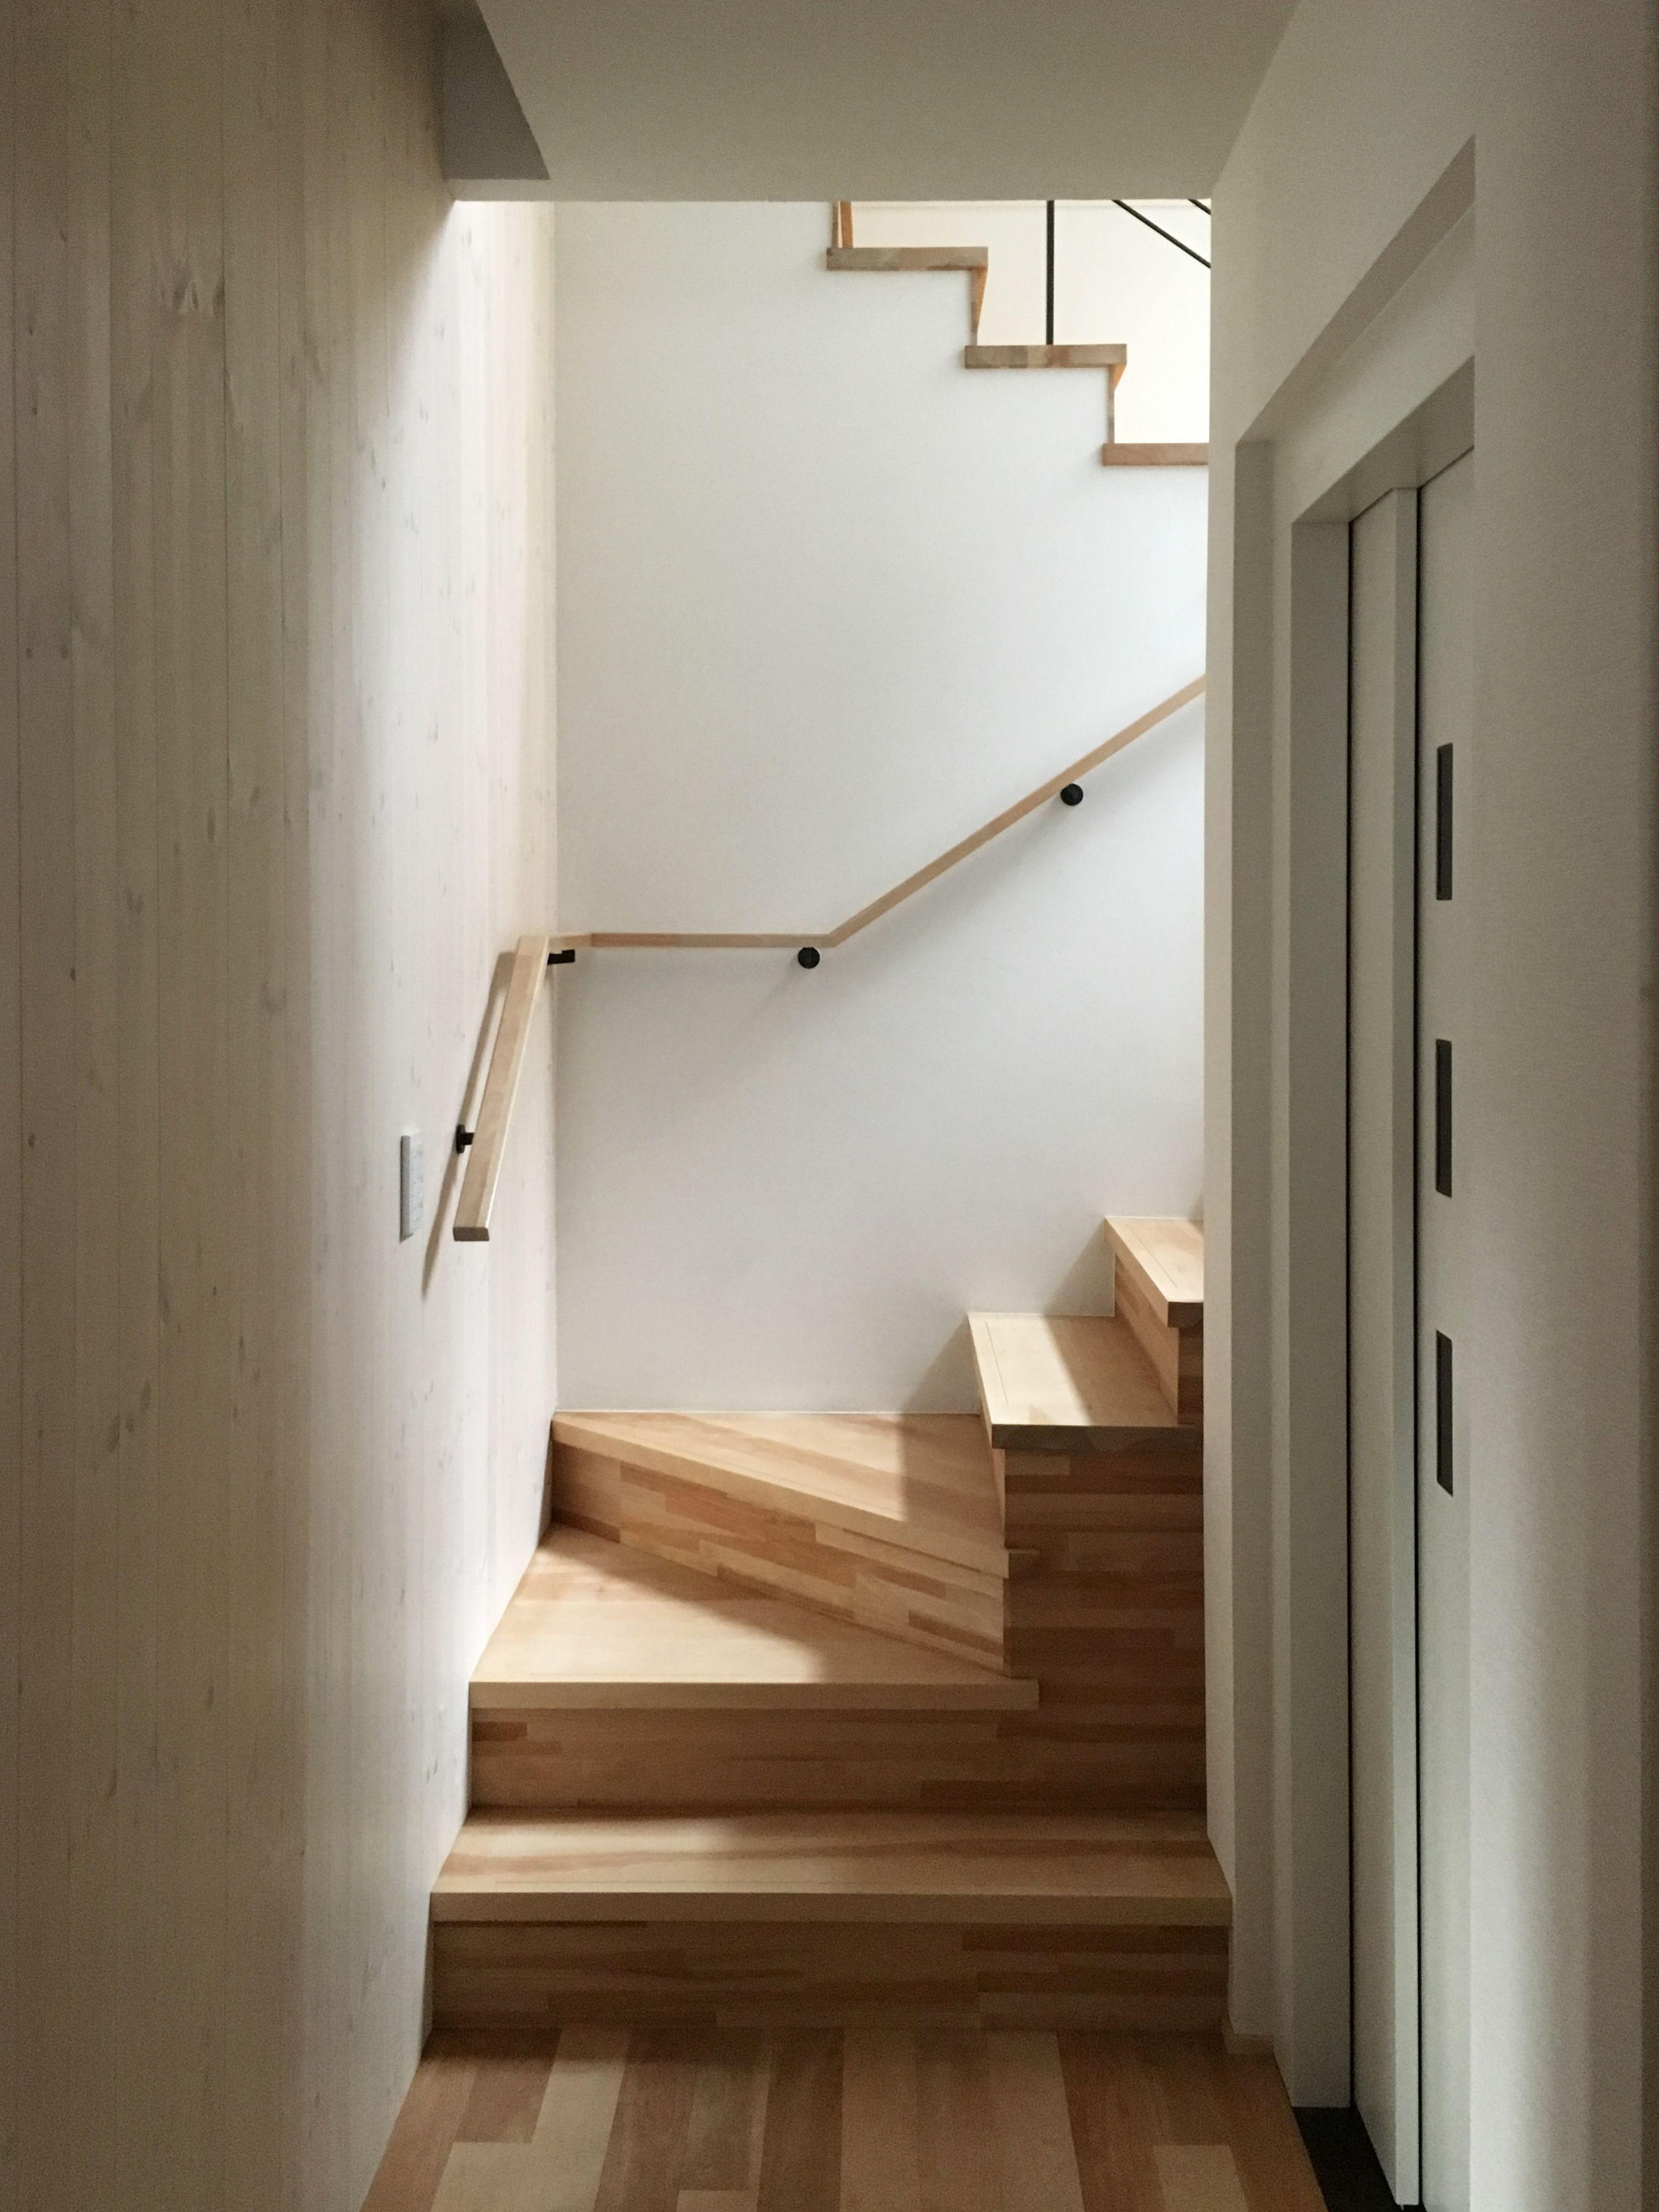 間接光が落ちる階段室 1 3階を繋ぐホームエレベーターにてバリア